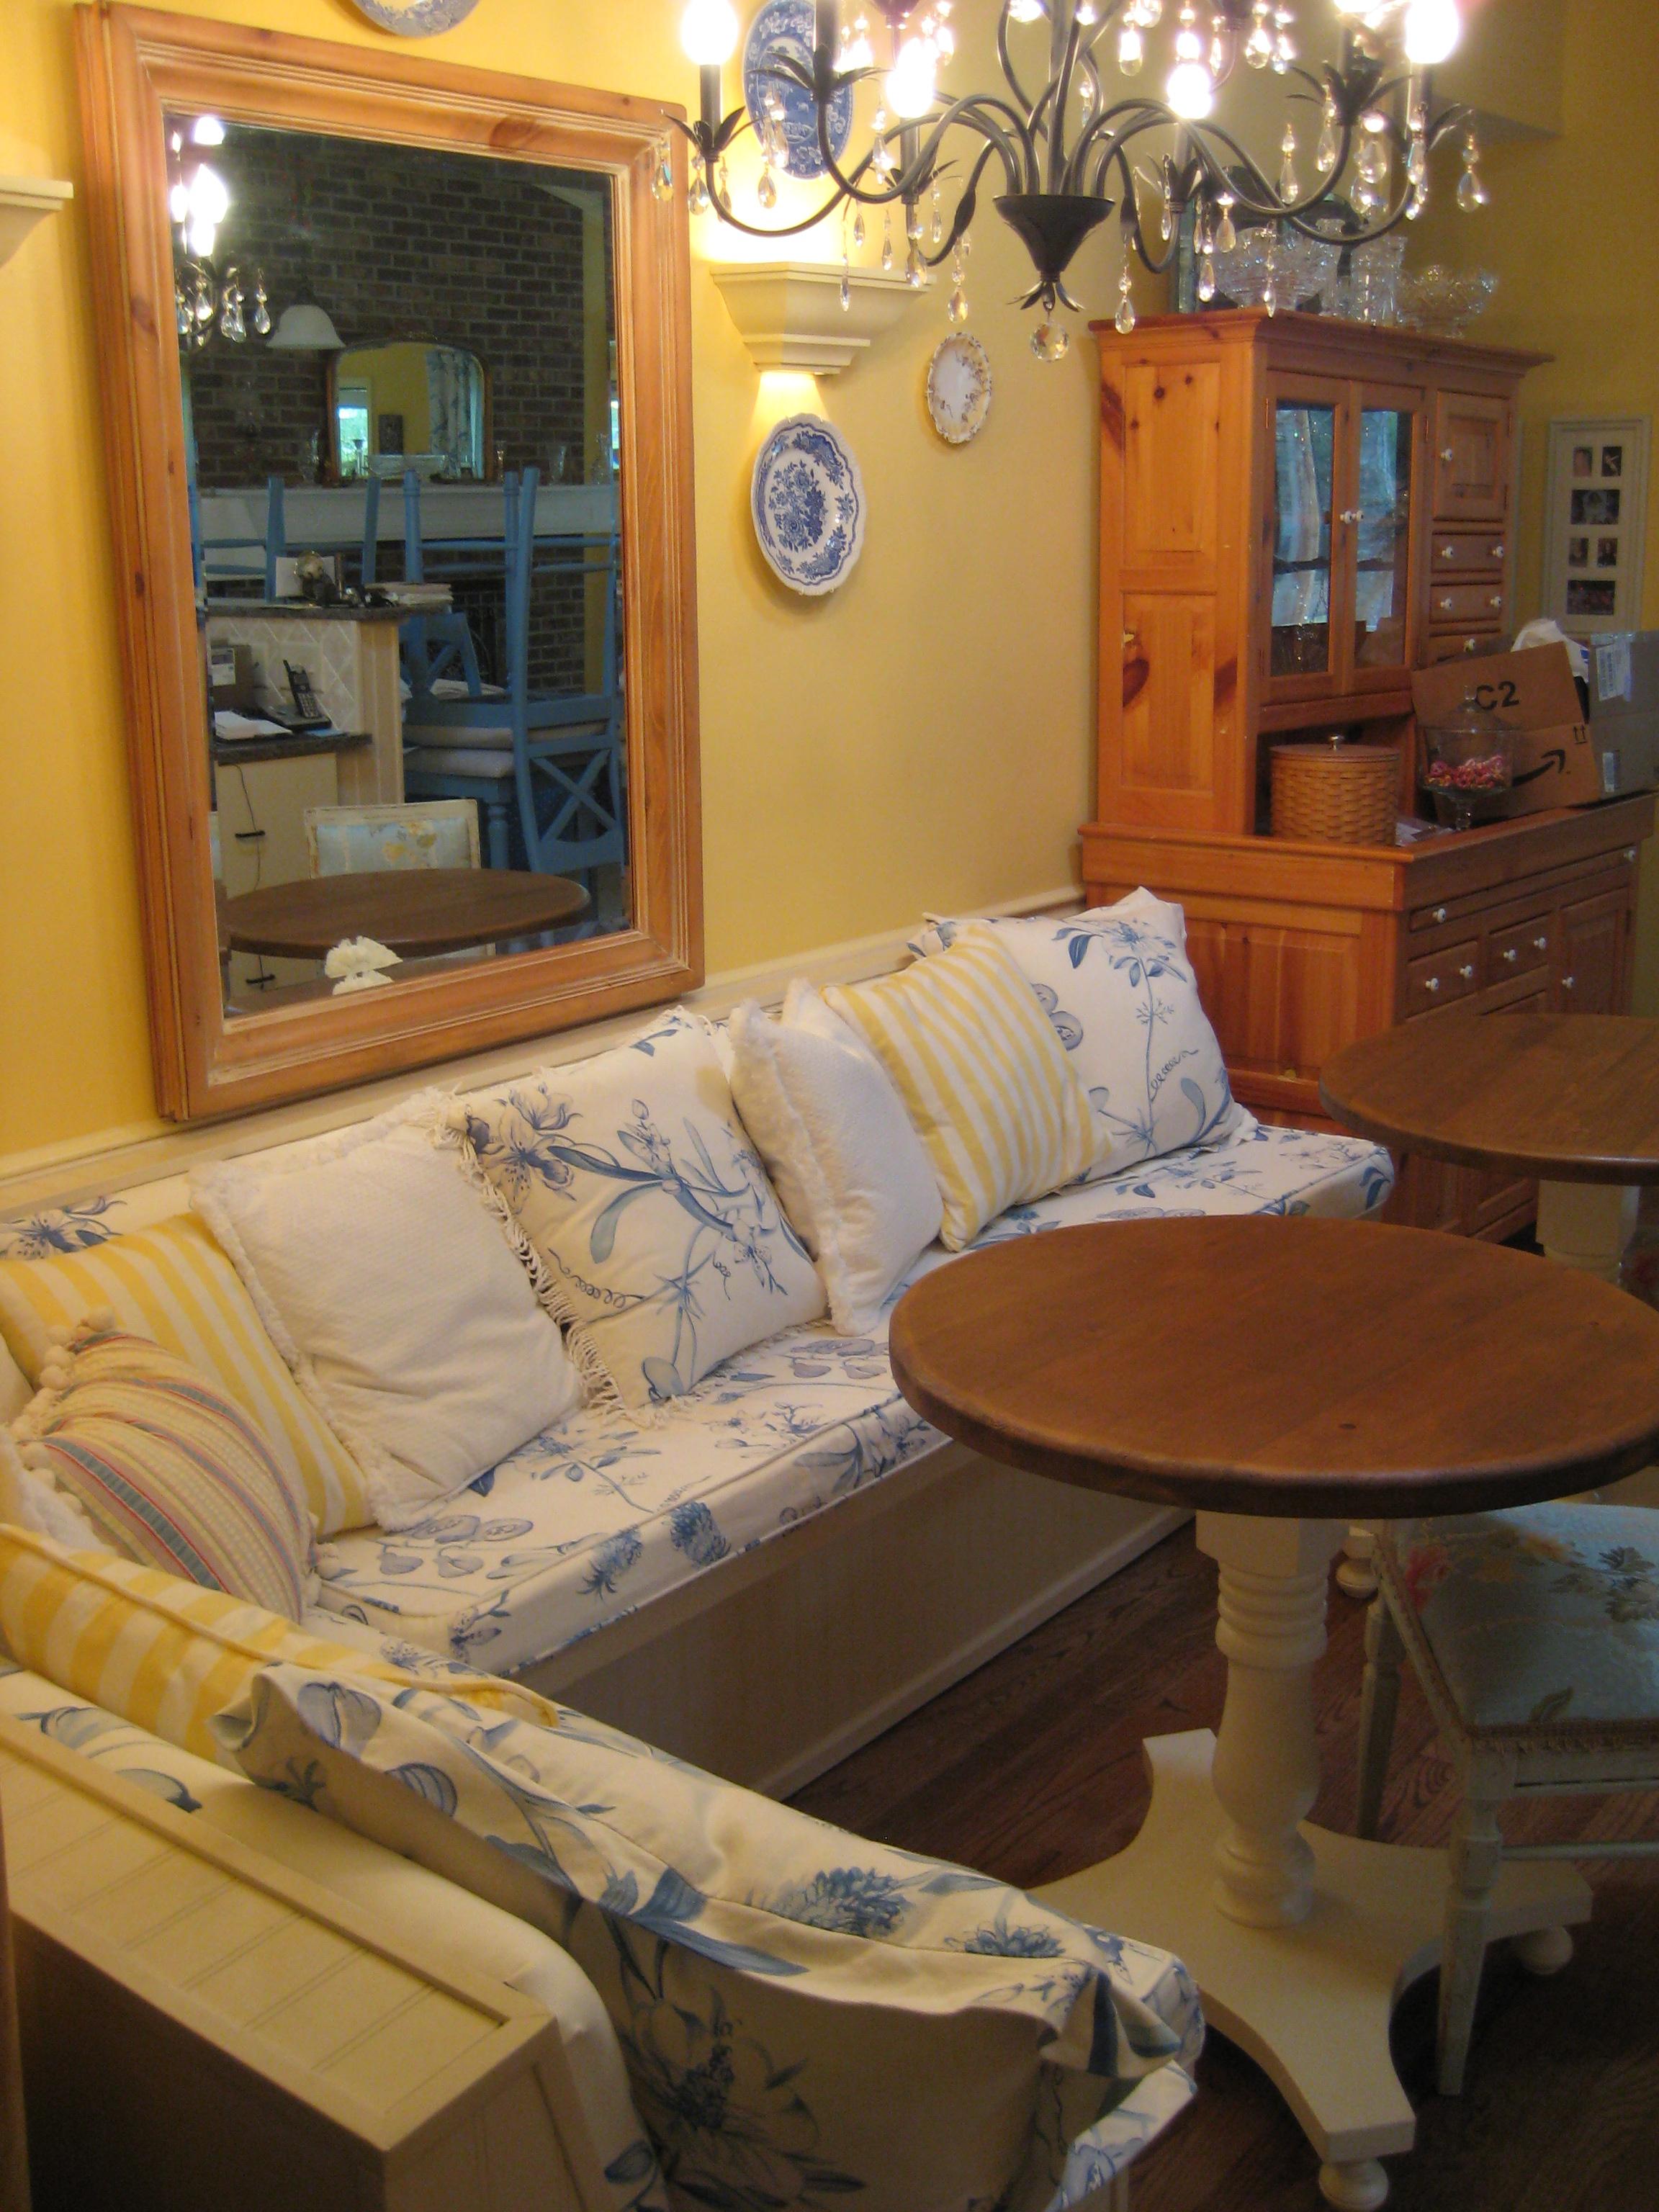 built in kitchen bench flickr photo sharing. Black Bedroom Furniture Sets. Home Design Ideas